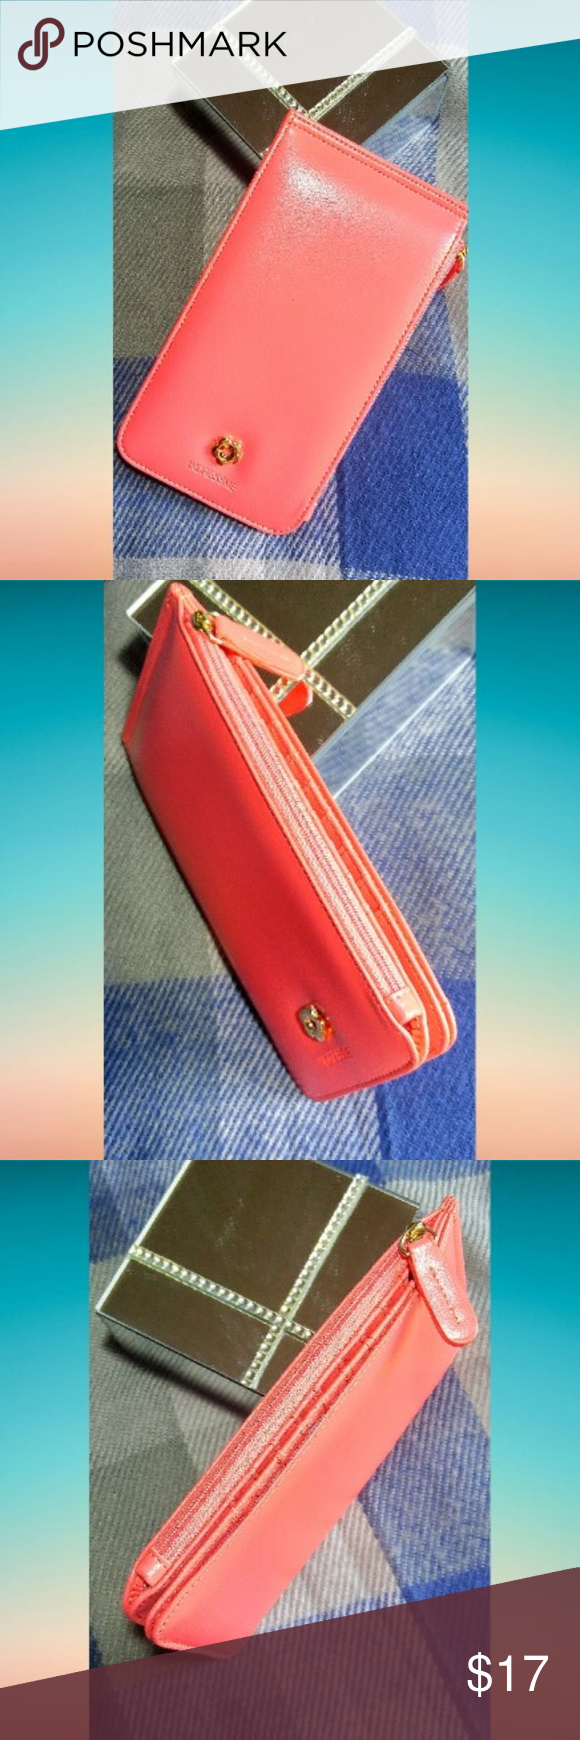 RFID Blocking Multi Card Slot with Pocket Clutch NWT